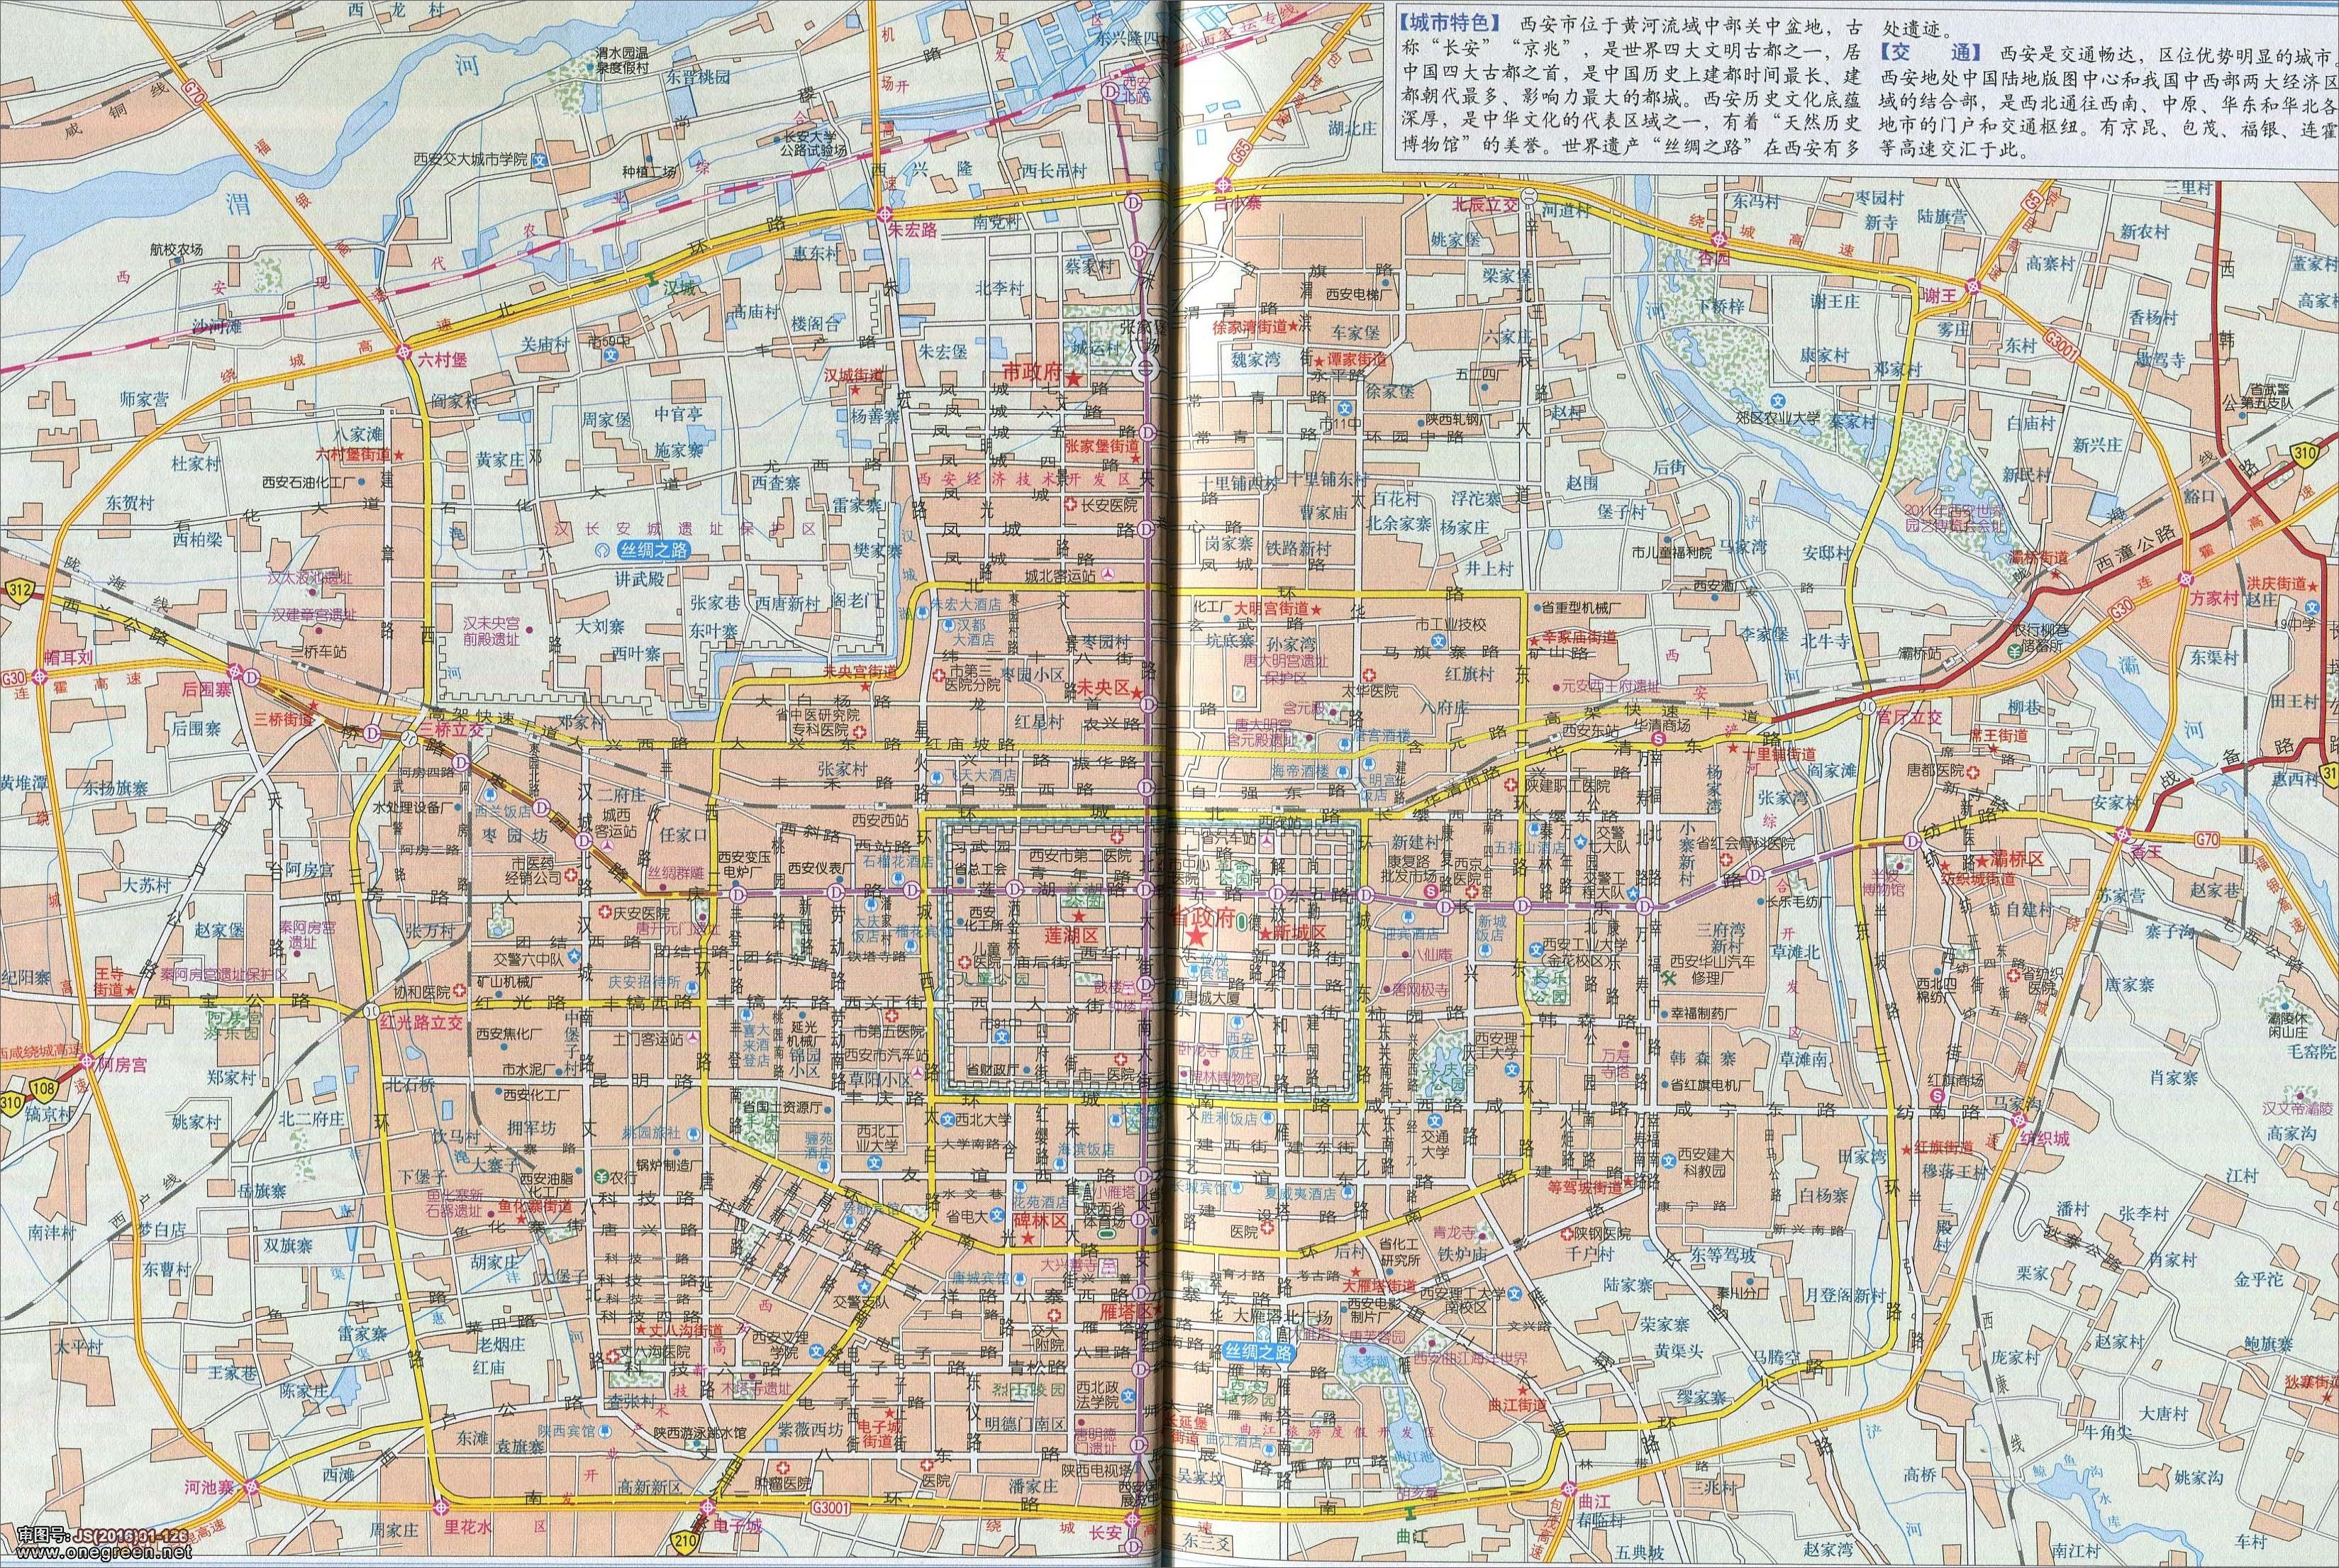 西安城区地图